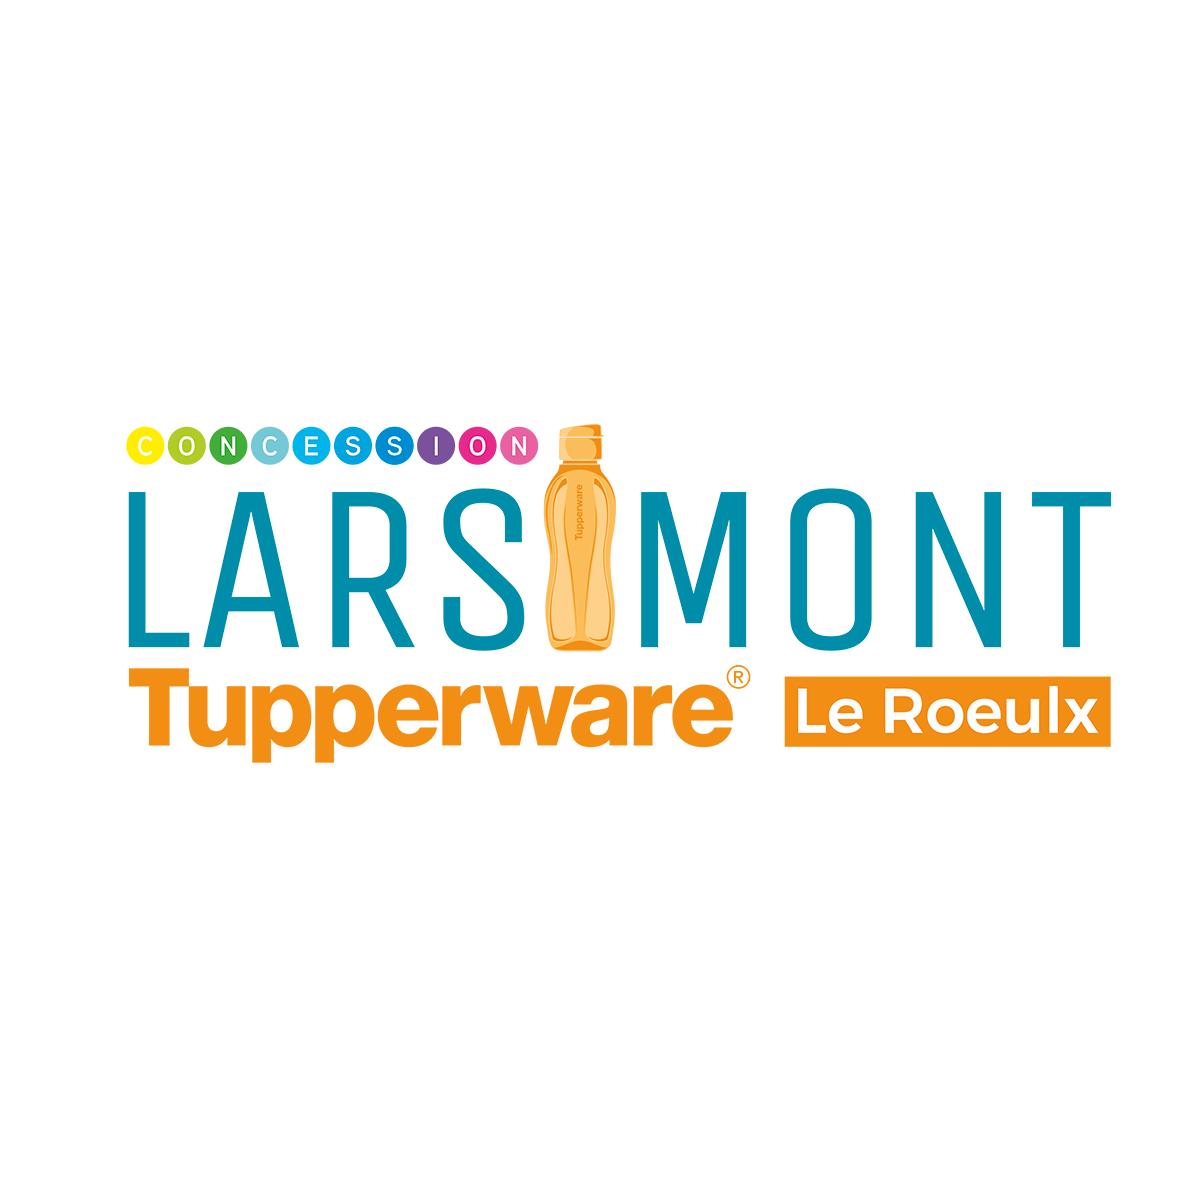 Concession Tupperware Larsimont